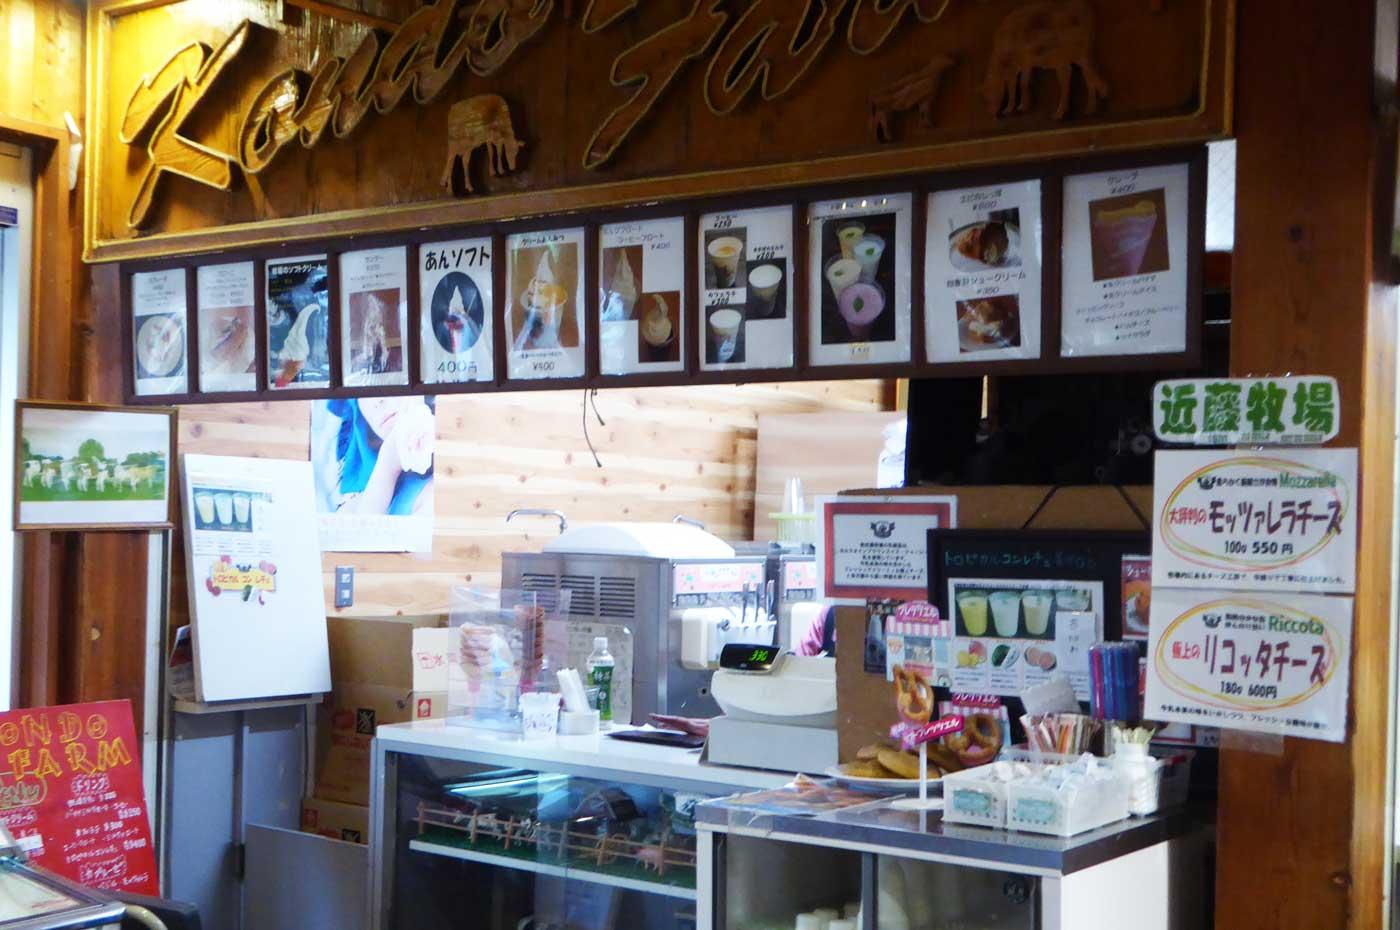 近藤牧場の店舗写真